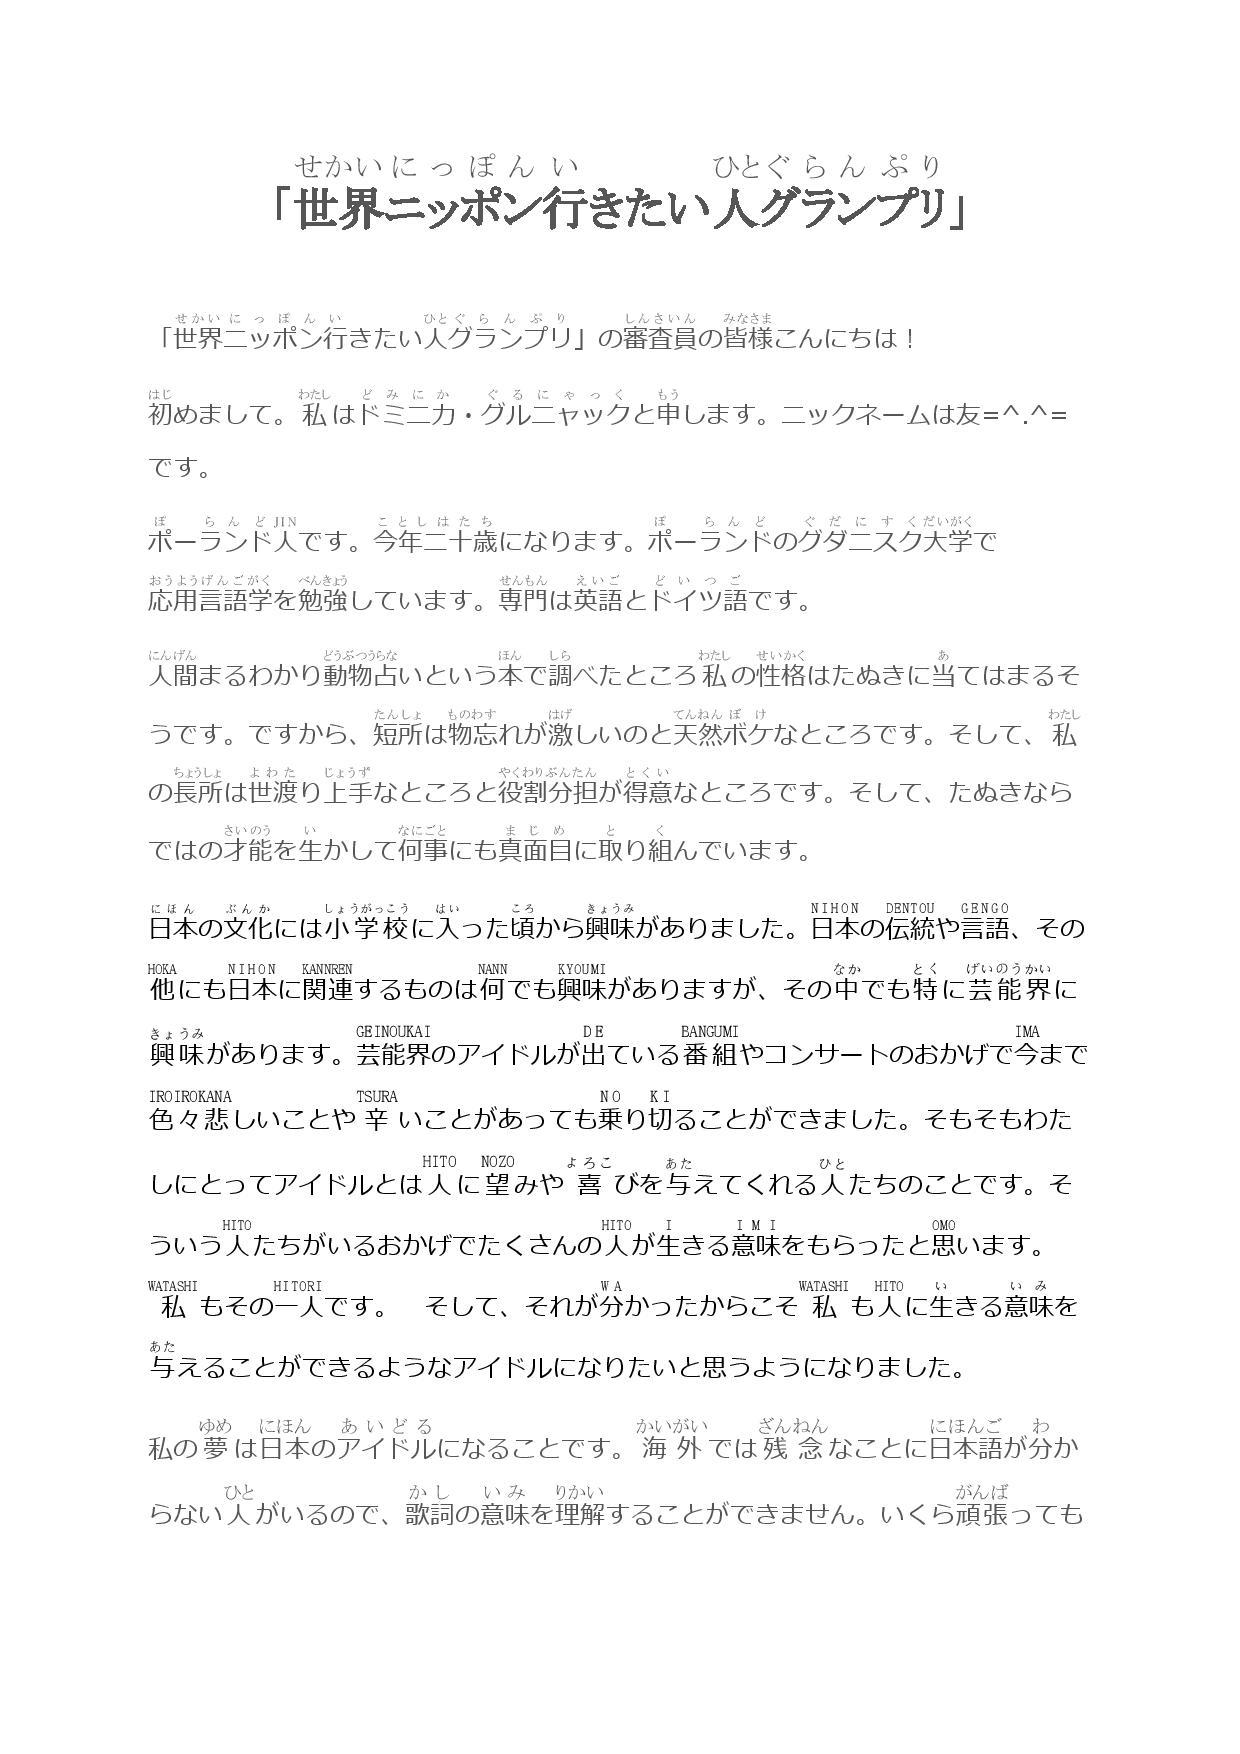 世界ニッポン行きたい人グランプリ-page-001